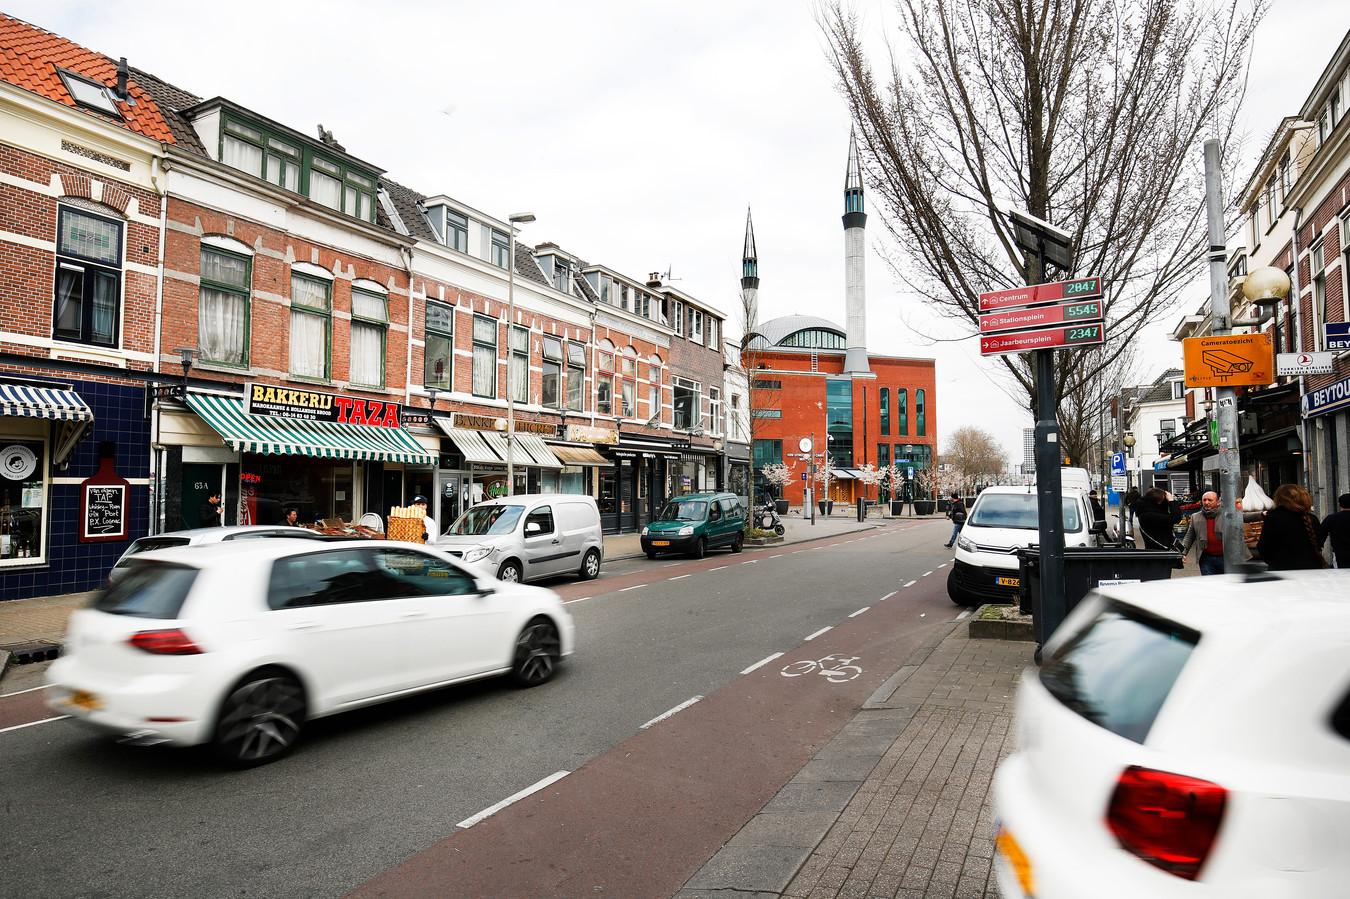 In de Kanaalstraat in de Utrechtse wijk Lombok wordt veel gescheurd, maar de link met de islam - die een paar onderzoekers leggen - schiet veel mensen in het verkeerde keelgat.